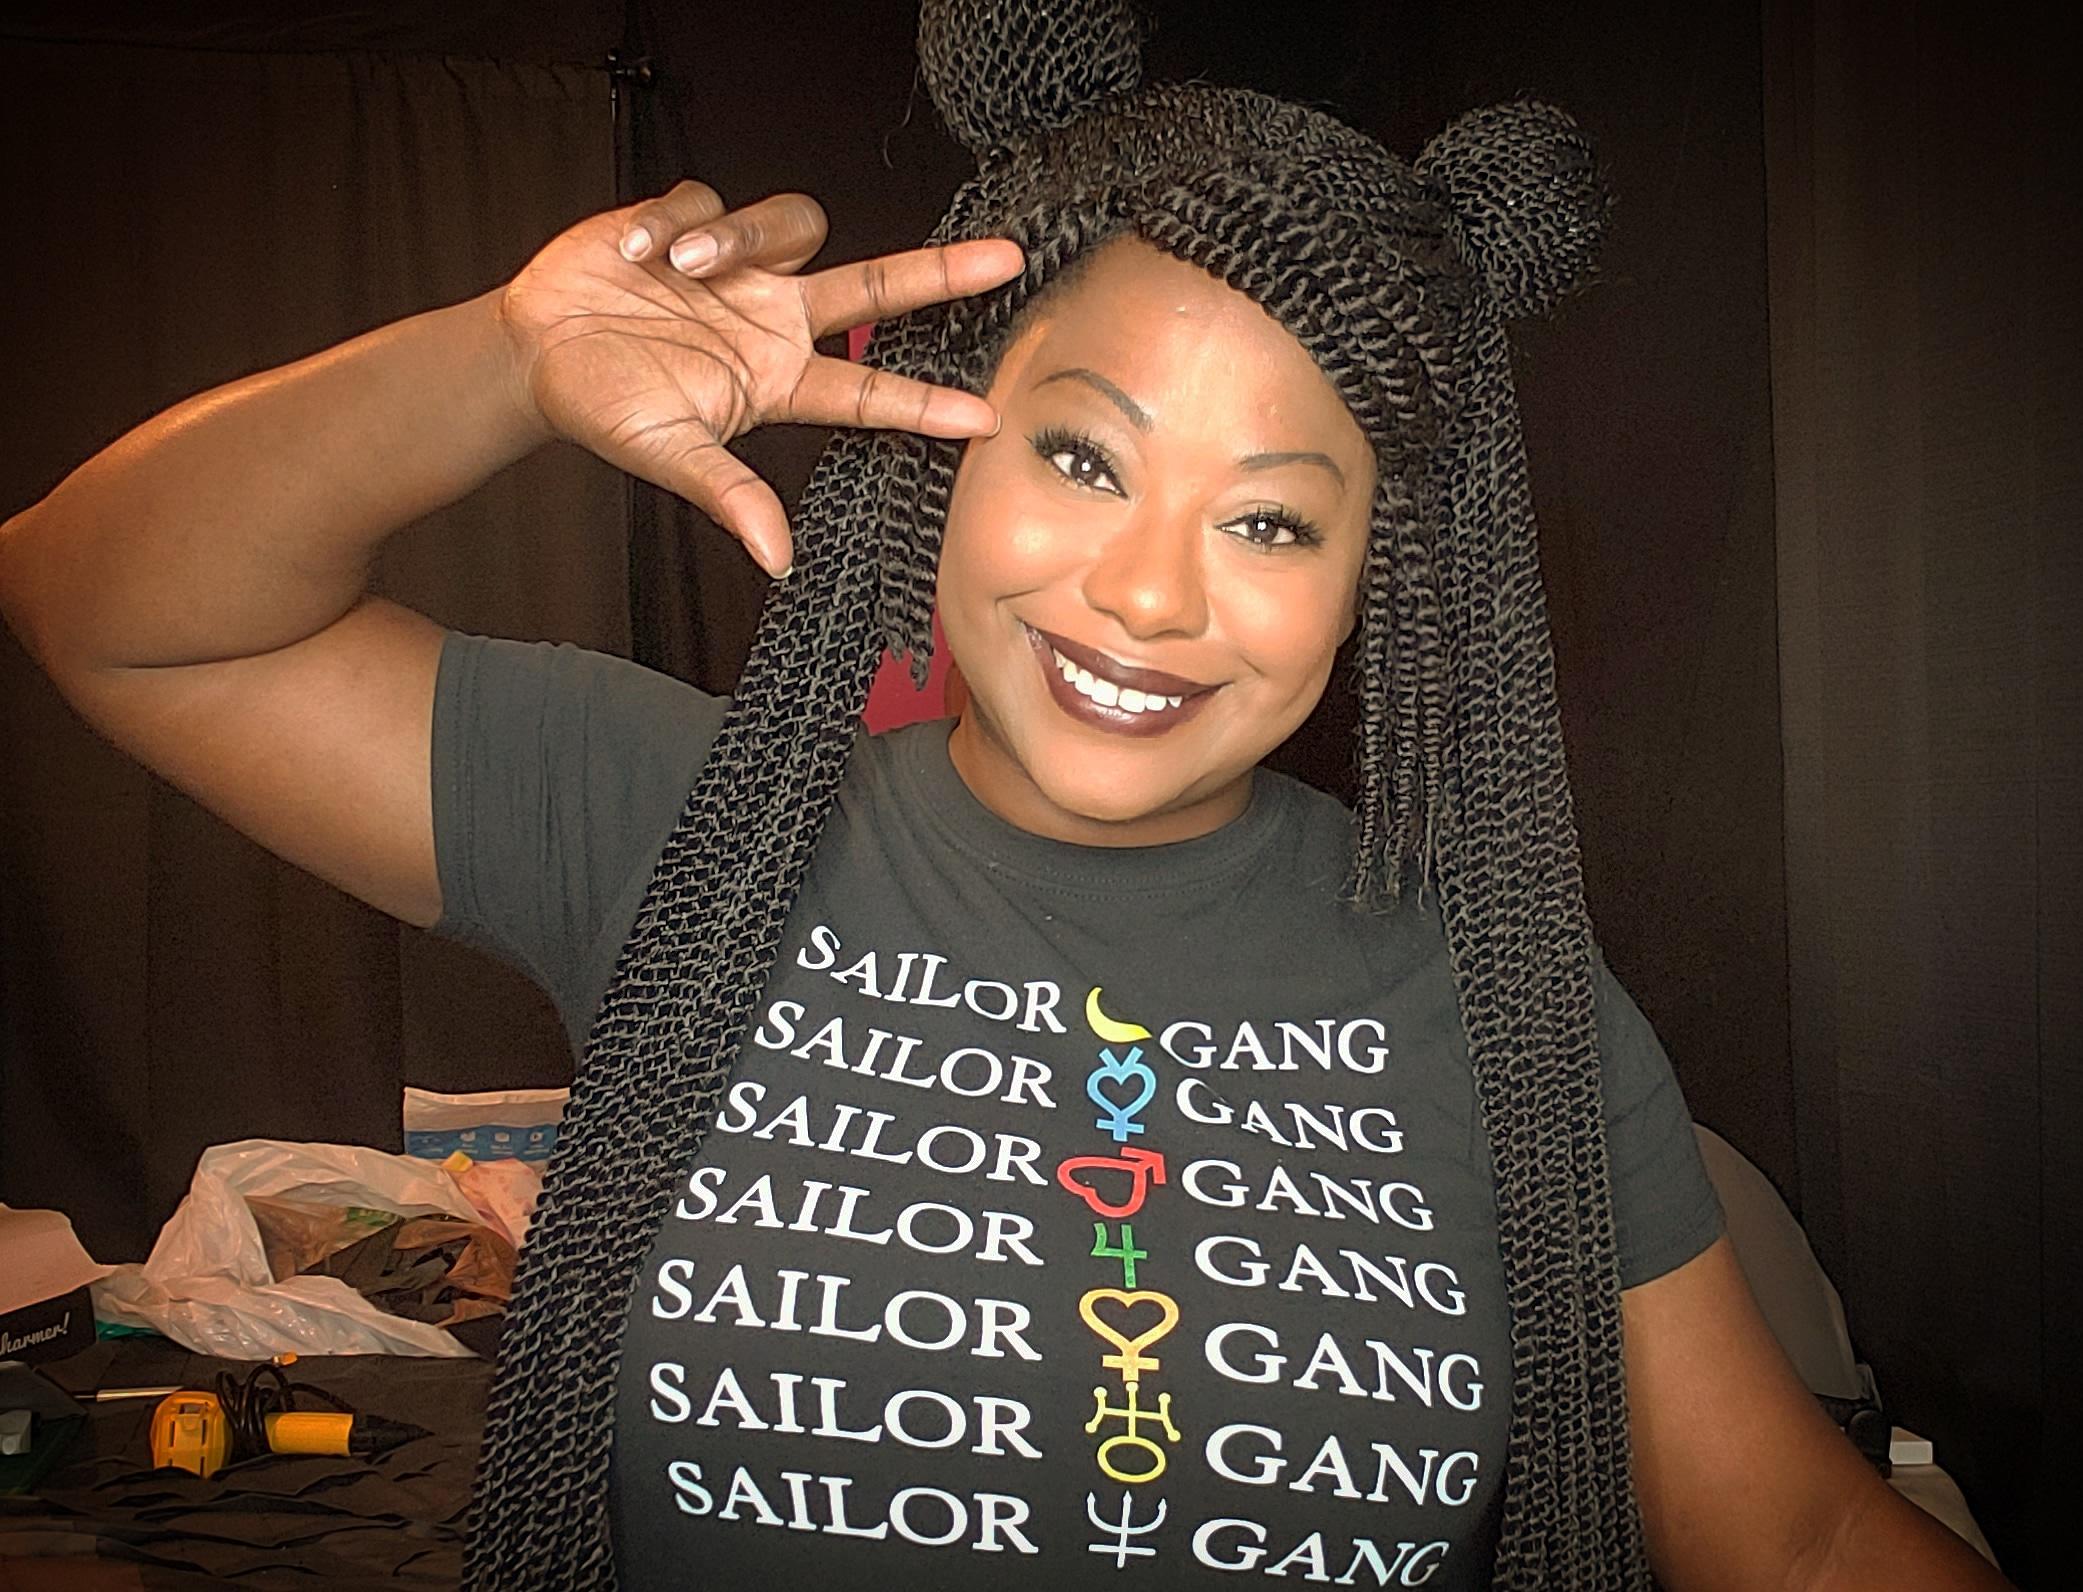 Sailor Gang